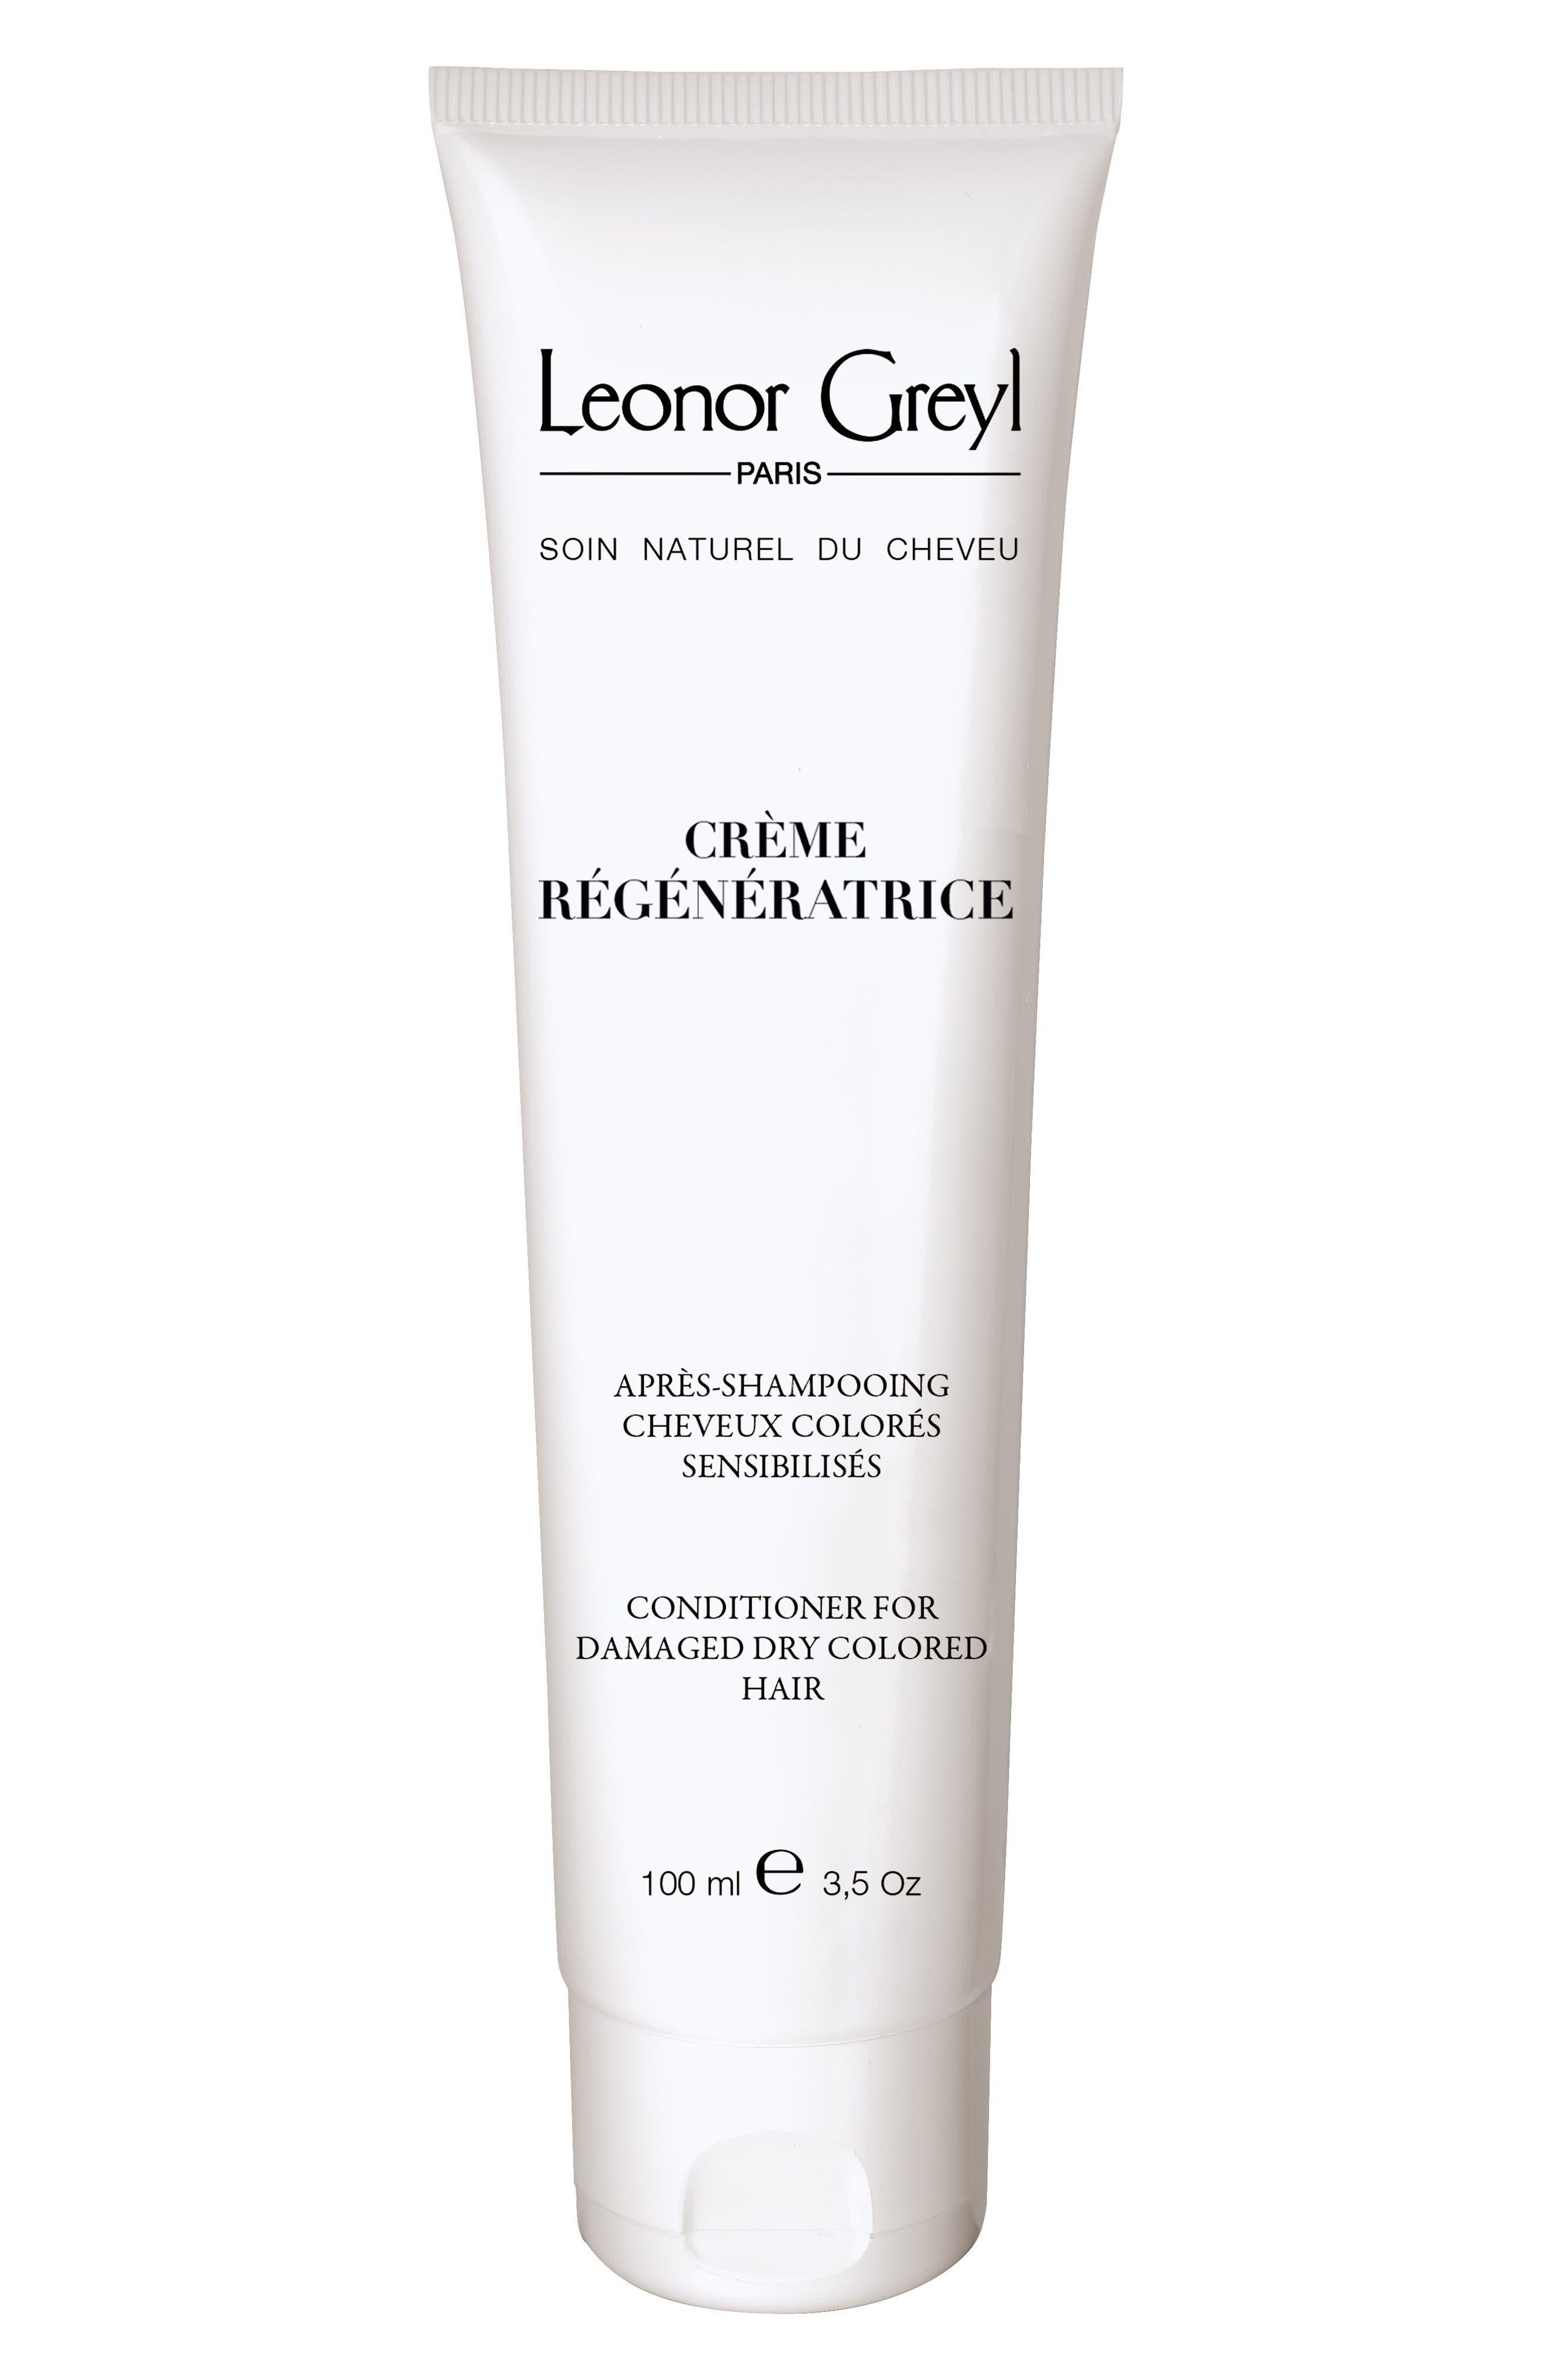 'Crème Régénératrice' Conditioning Mask,                             Main thumbnail 1, color,                             NO COLOR